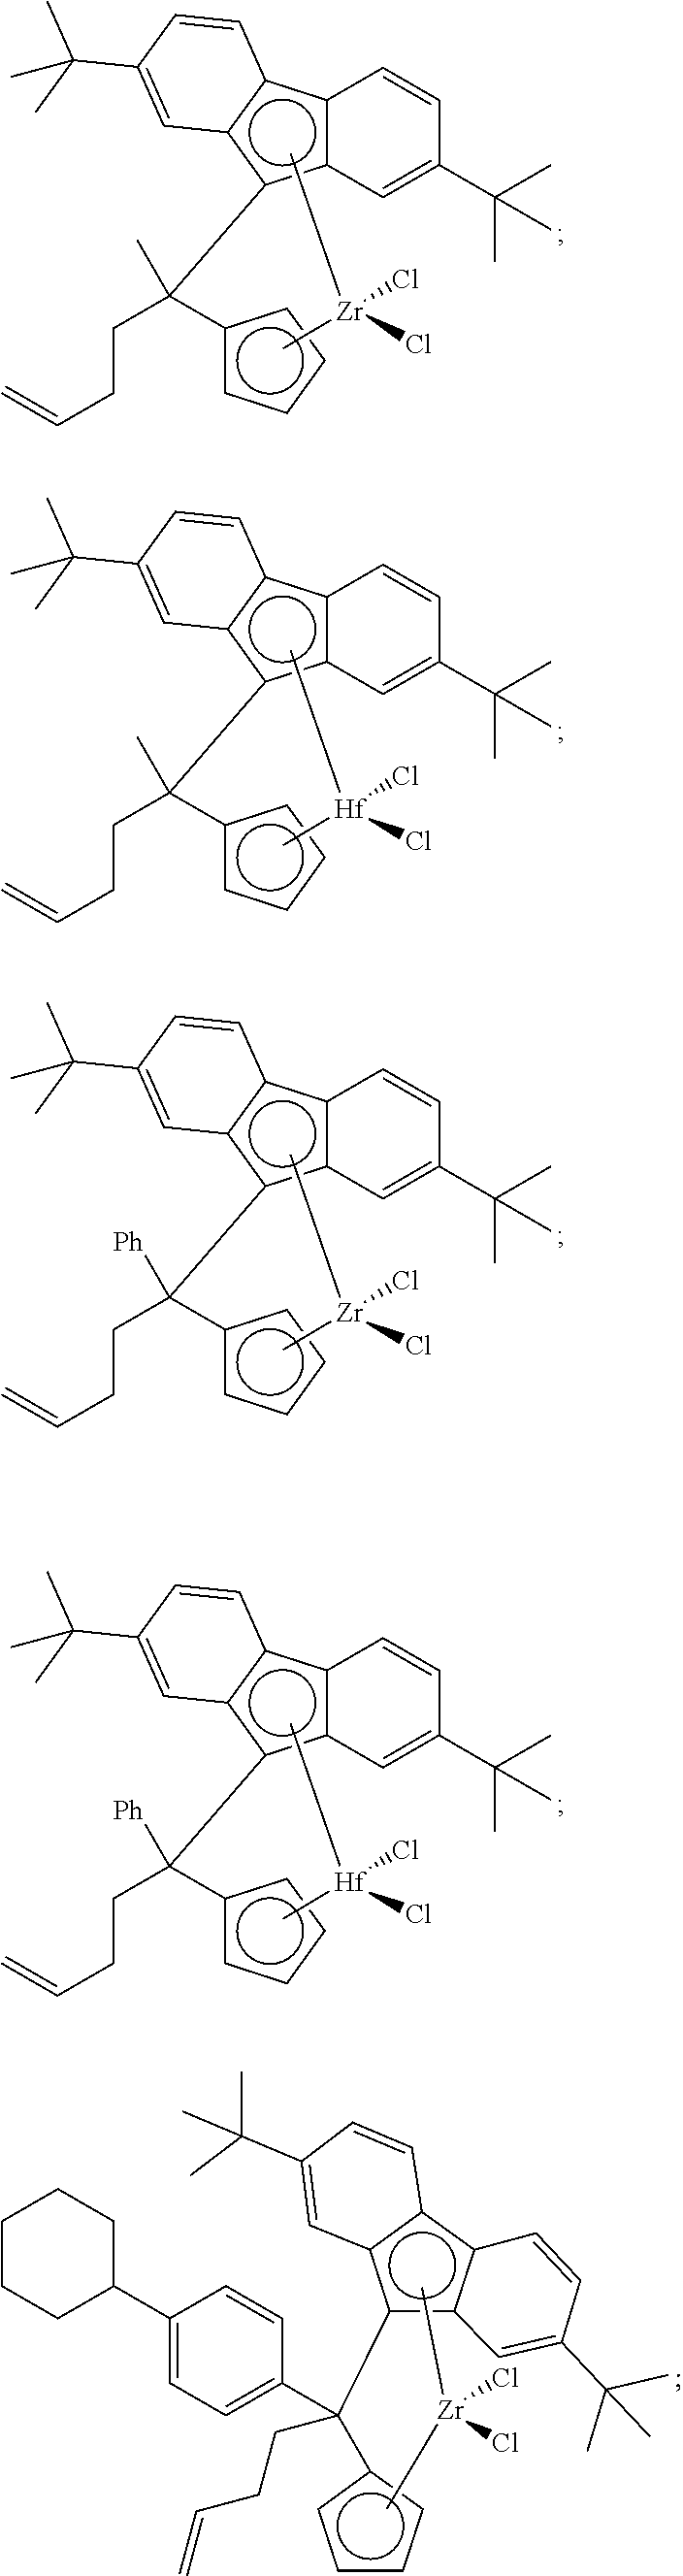 Figure US08329833-20121211-C00007